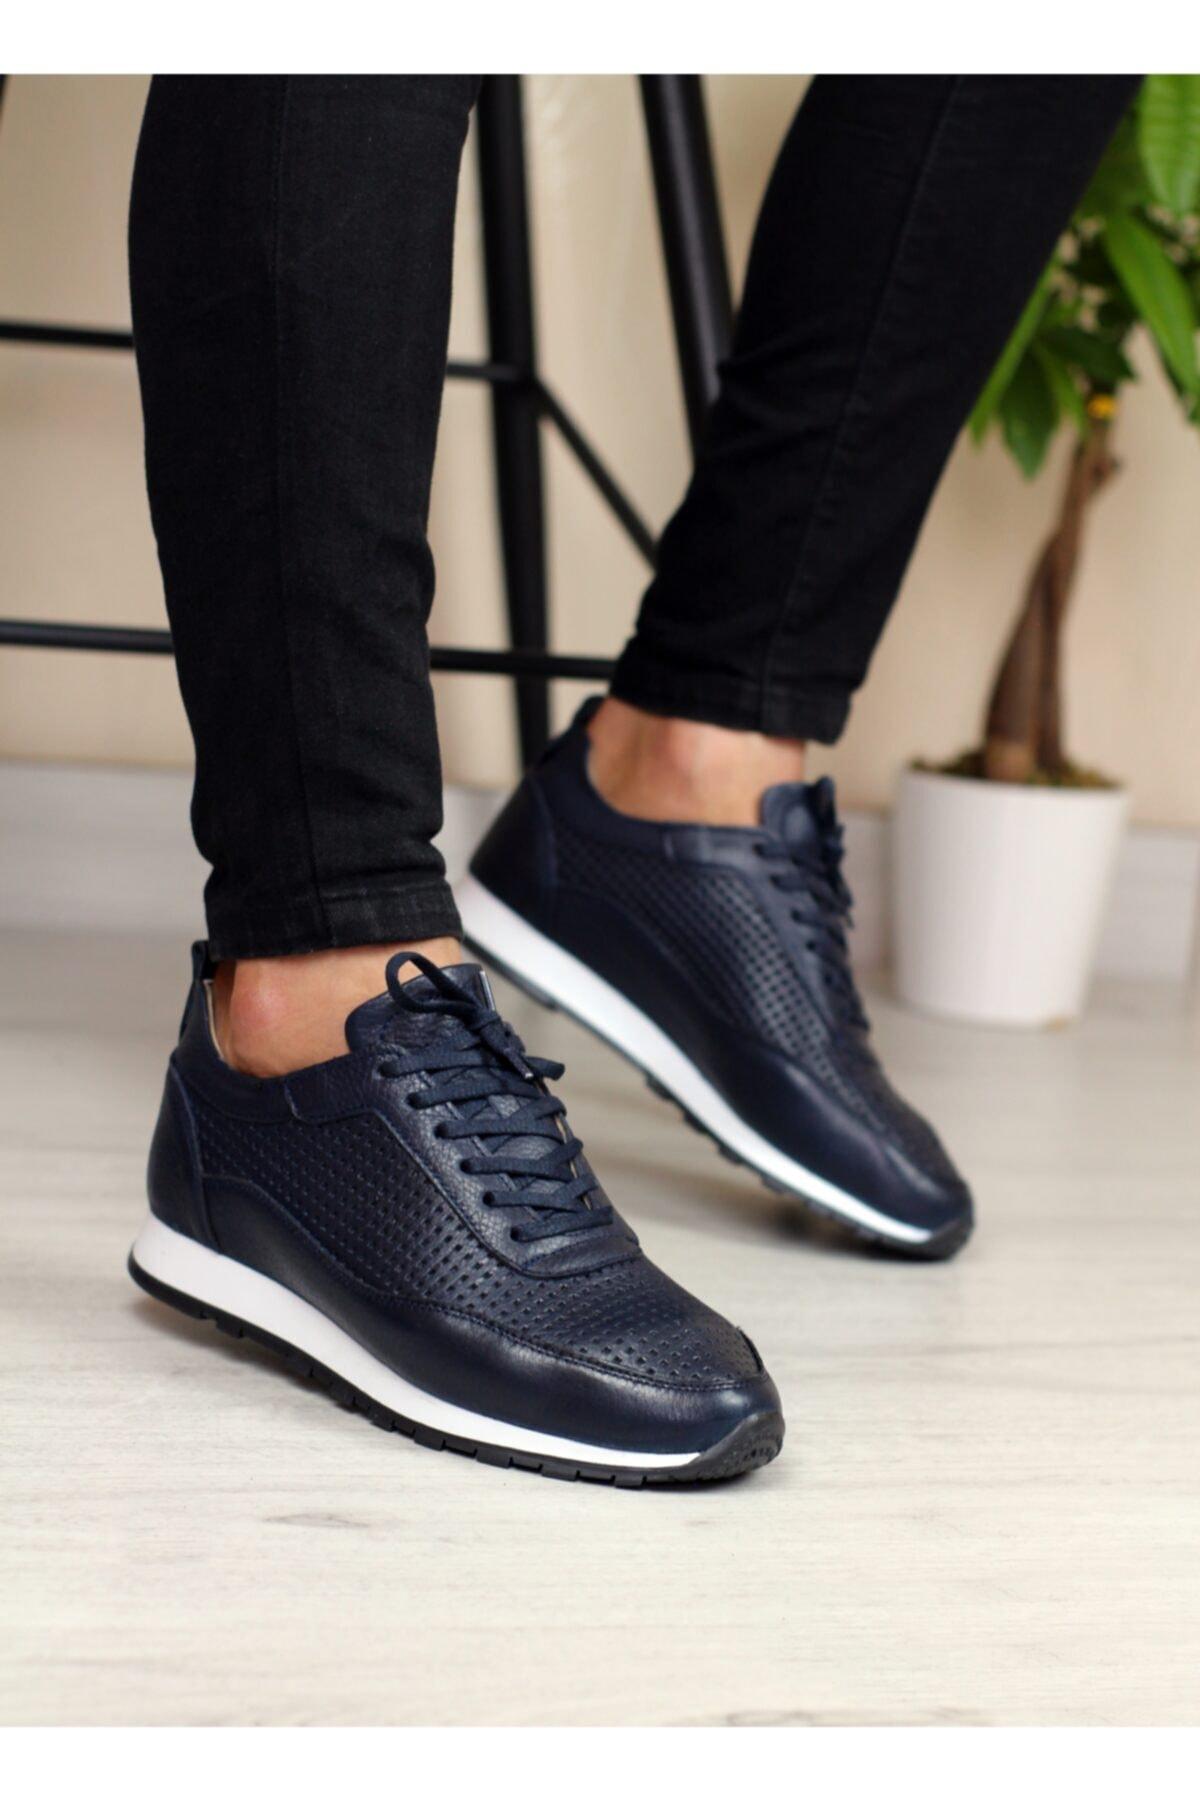 حذاء رياضي رجالي من الجلد الطبيعي موديل جديد وتصميم مصنوع يدويًا خفيف للغاية ومريح